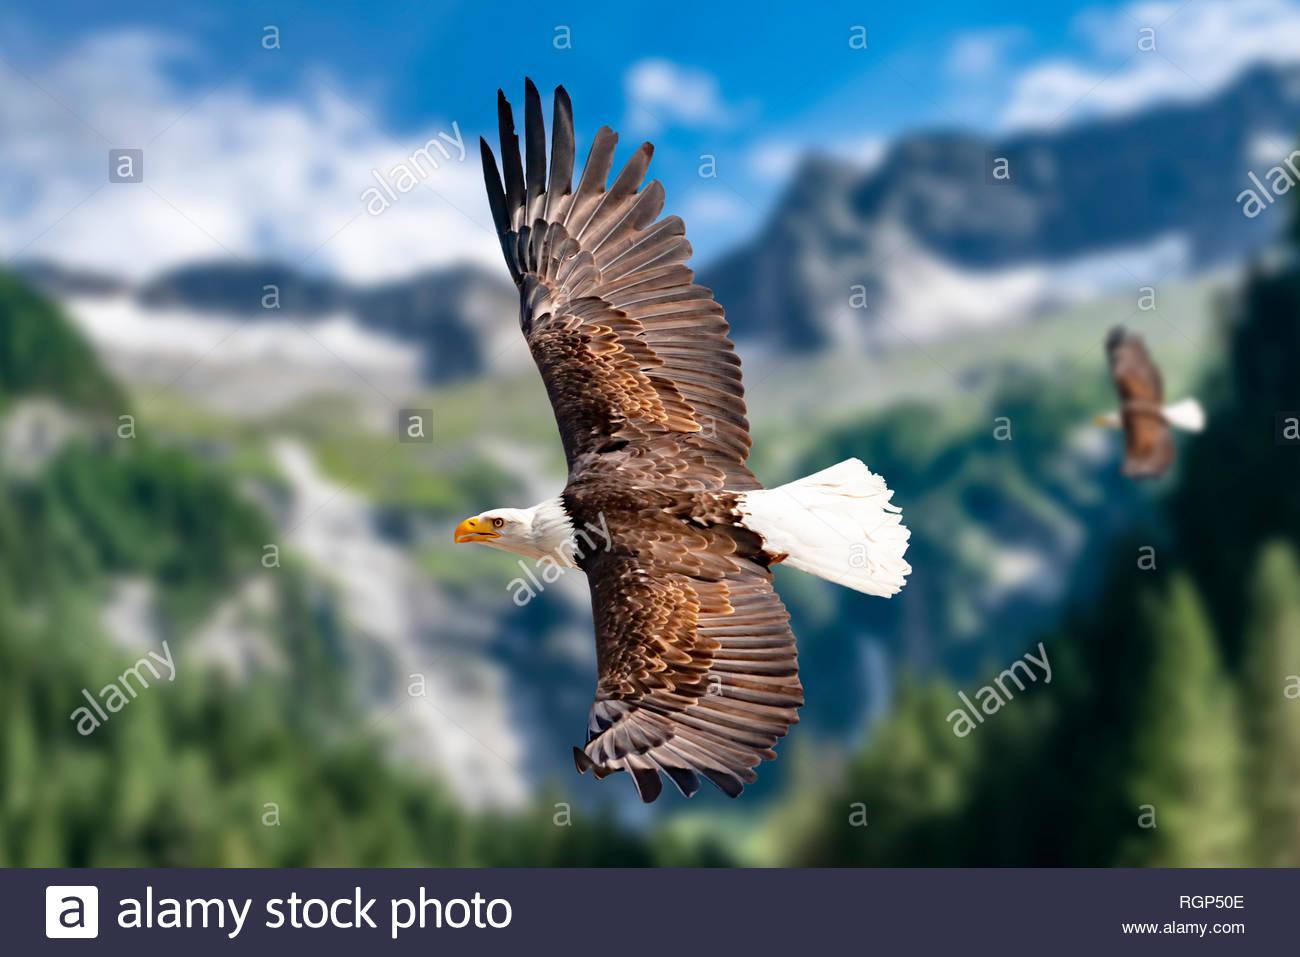 Zwei Weißkopfseeadler fliegen in großer Höhe am Himmel und suchen Beute. Es sind Wolken am Himmel aber es herrscht klare Sicht bei strahlender Sonne. Stock Photo